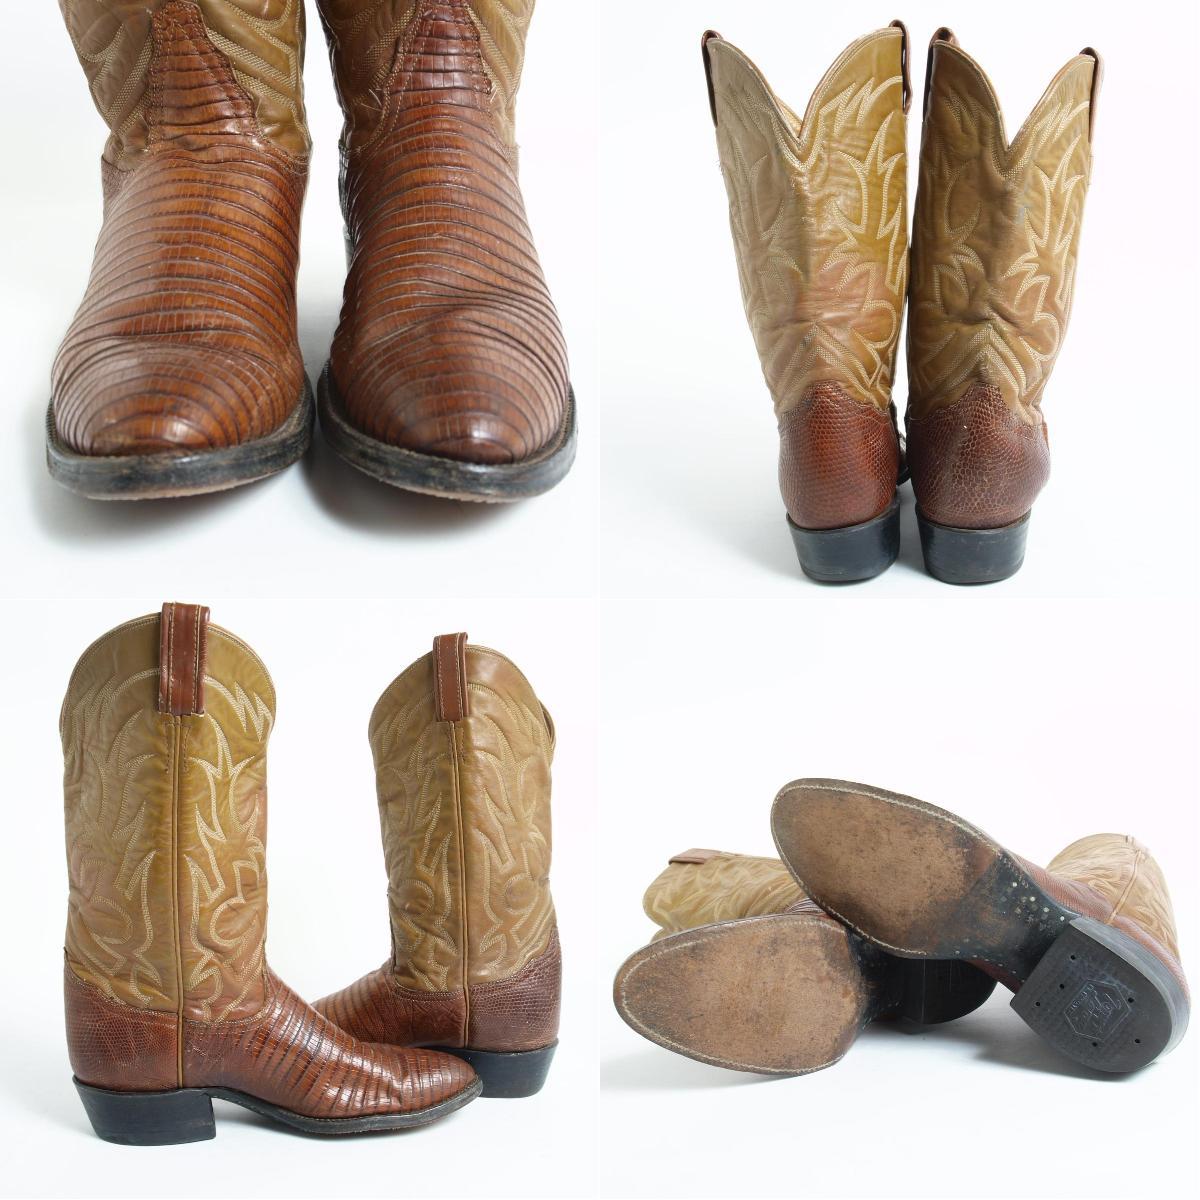 托尼喇嘛-美国取得金标黑色标签西方靴子男装 25.5 厘米托尼喇嘛 /boj1651 160910